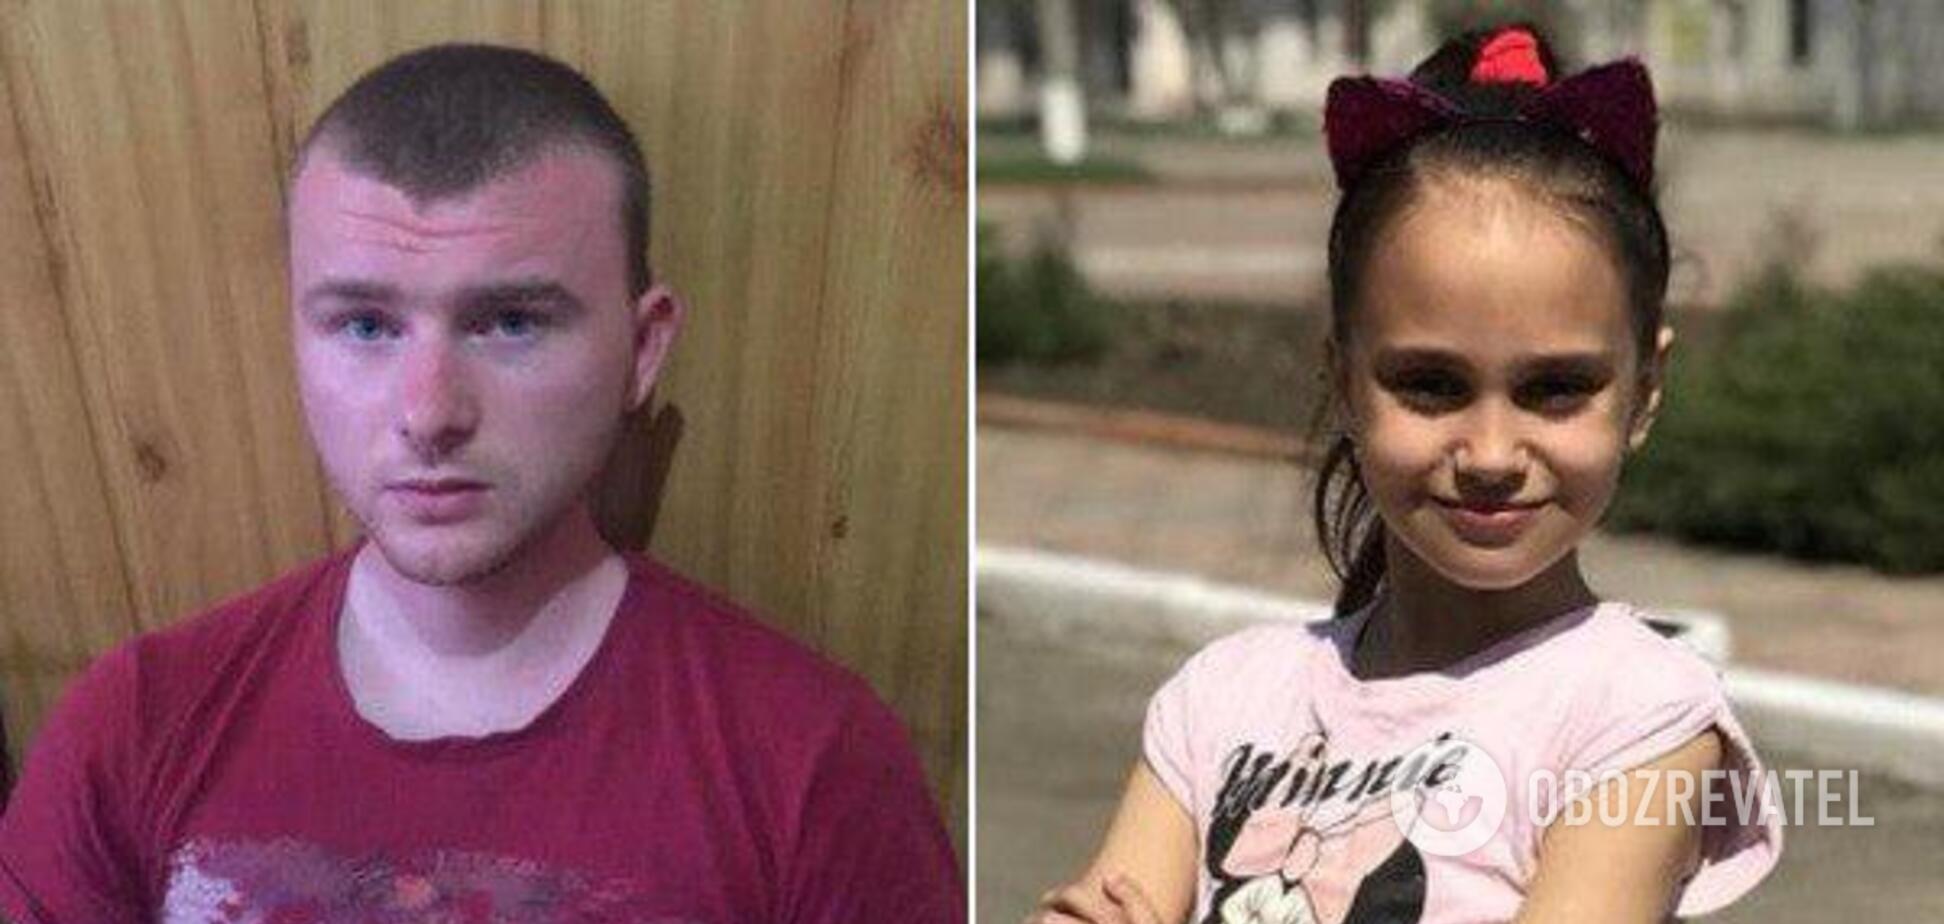 Не удушення: експертиза назвала точну причину смерті убитої Дарини Лук'яненко